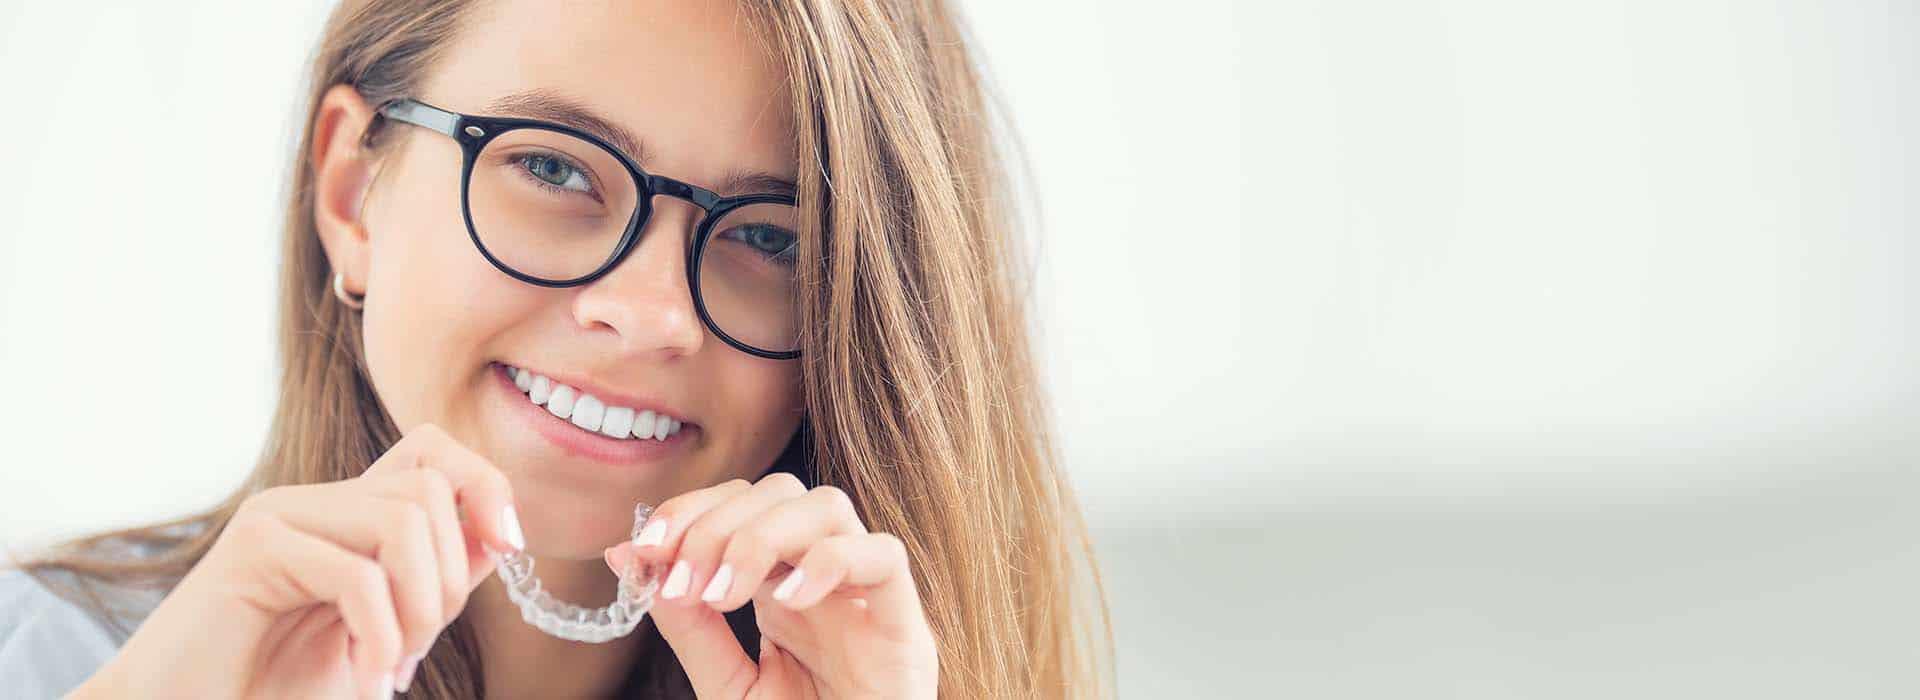 Invisalign at Aduddell Dentistry